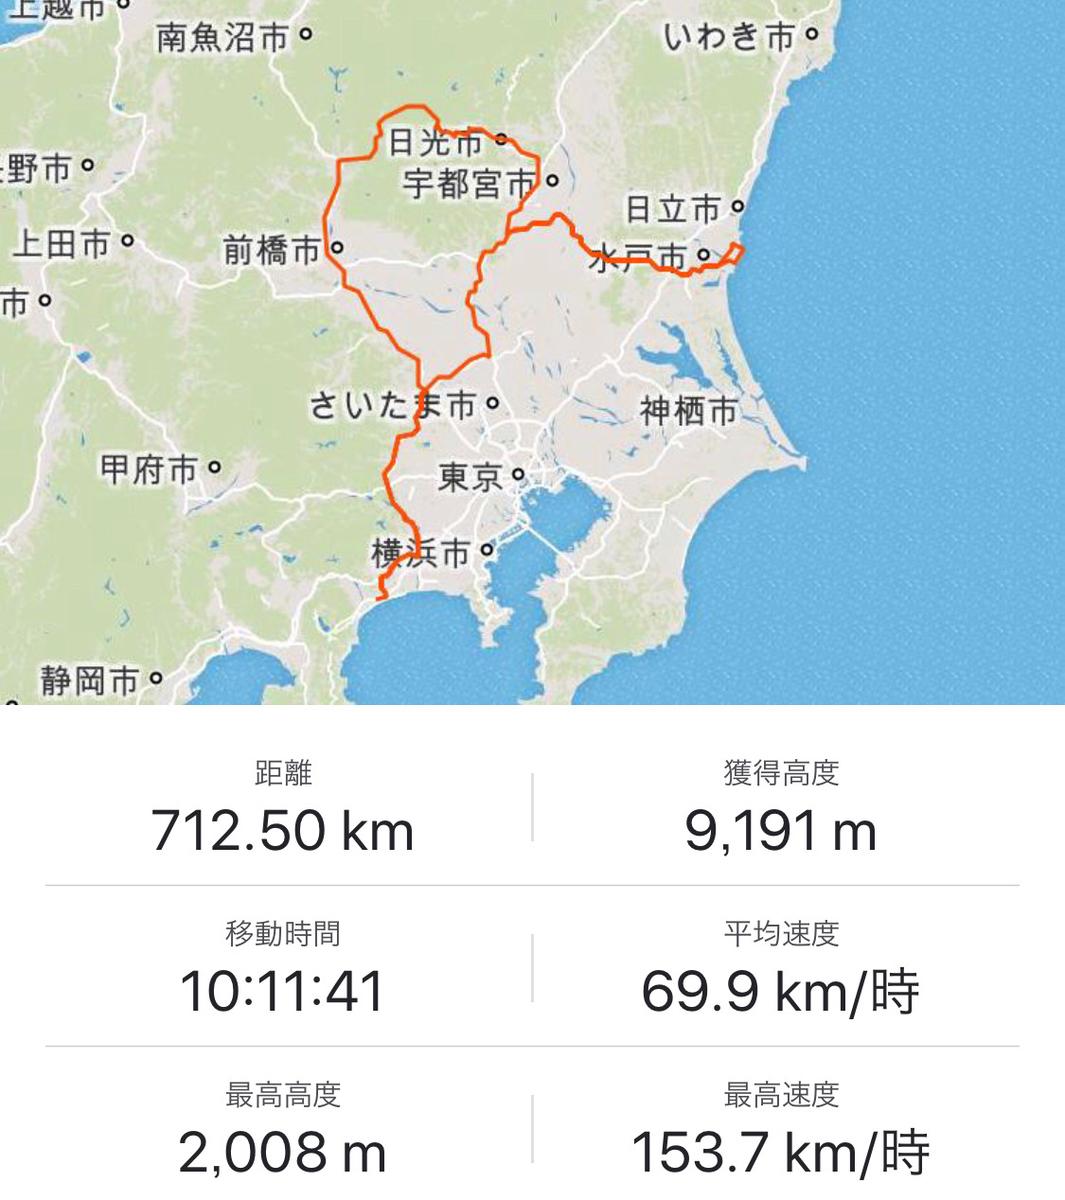 f:id:shonan_masaru:20190520170128j:plain